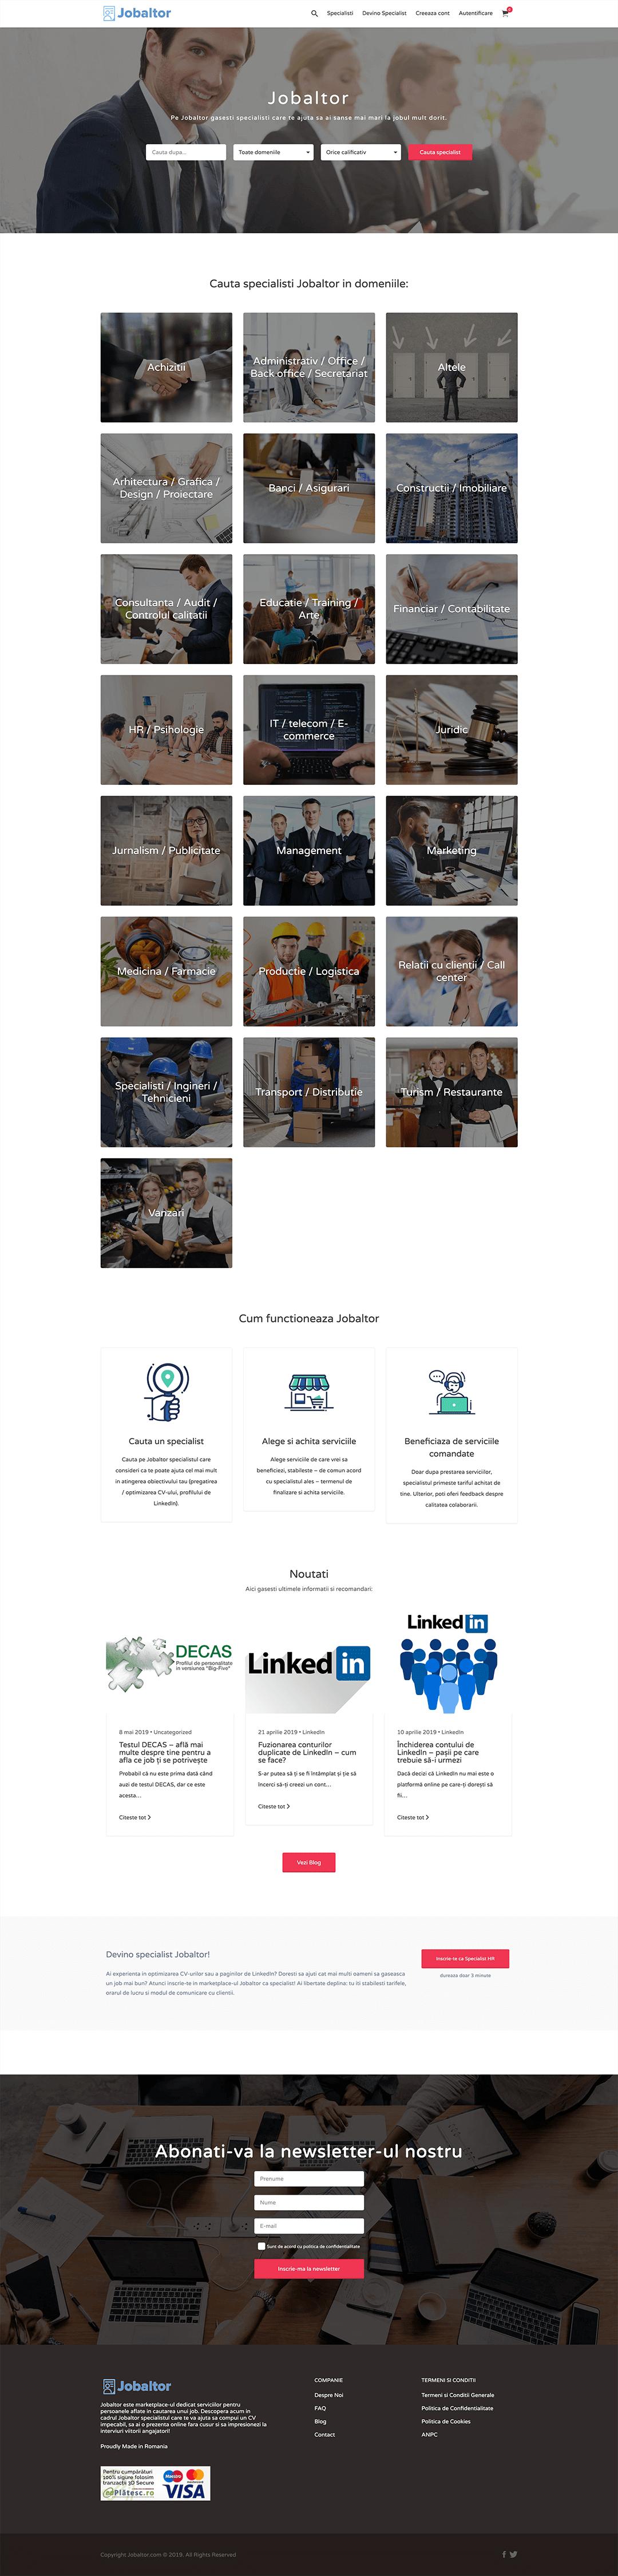 jobaltor.com